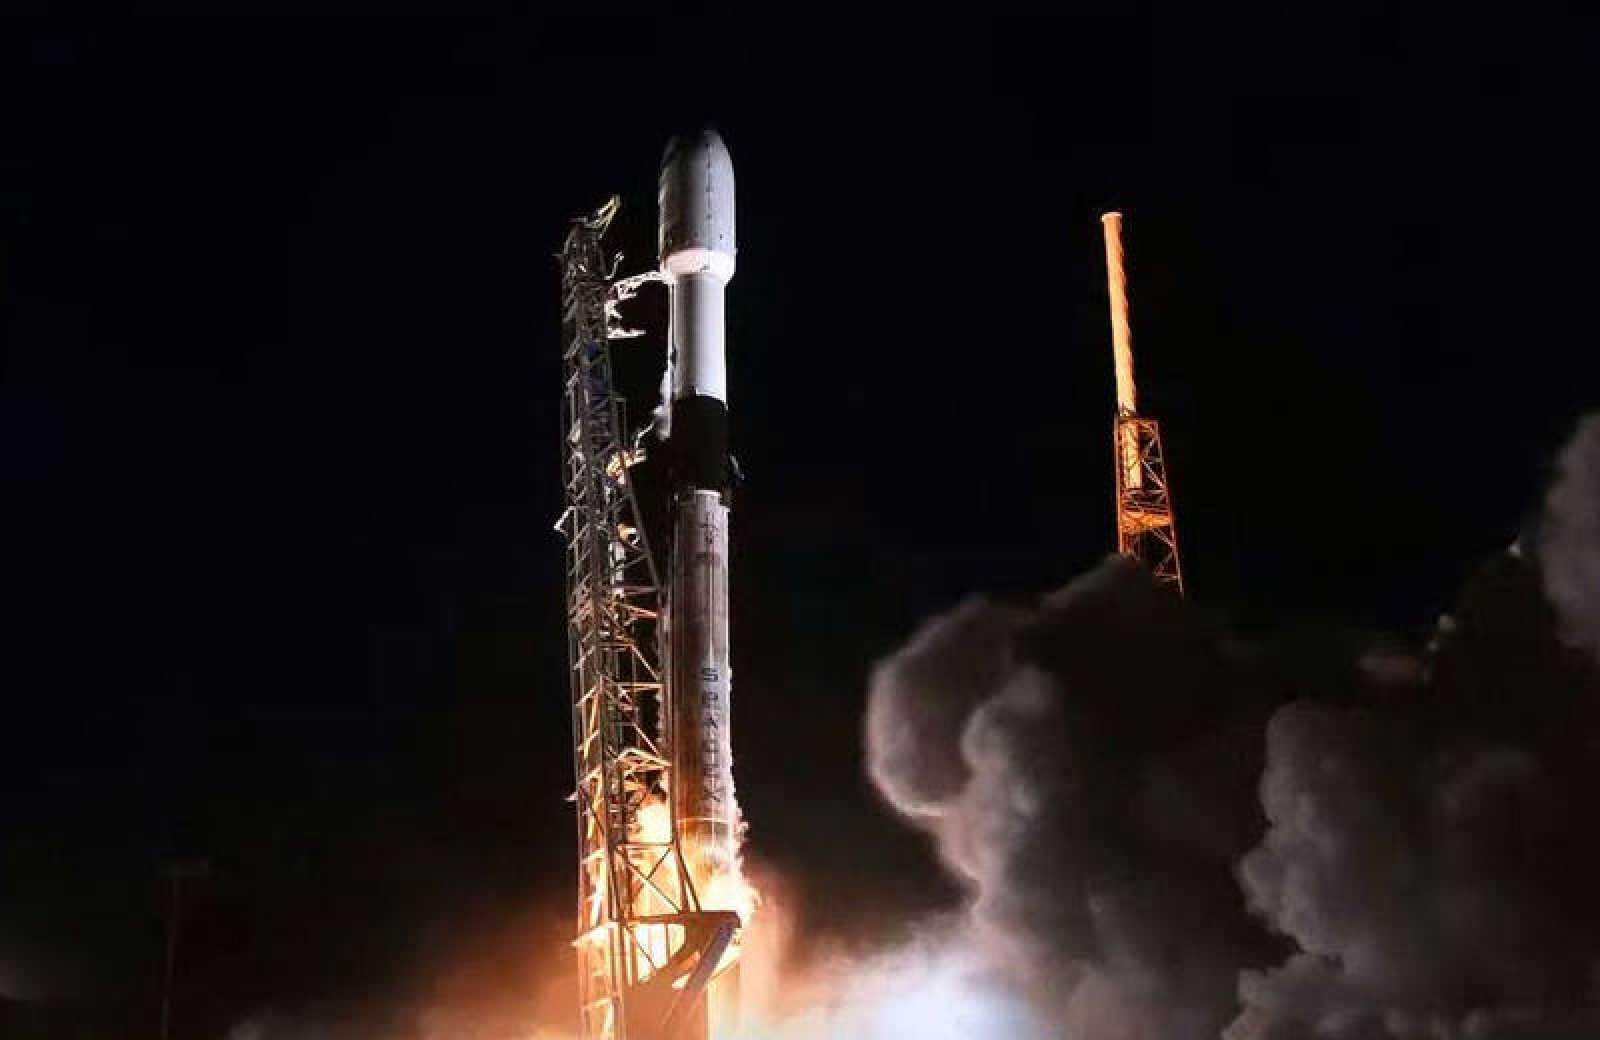 En la imagen, se muestra el lanzamiento de un cohete Falcon 9 por parte de SpaceX desde Cabo Cañaveral, Florida.